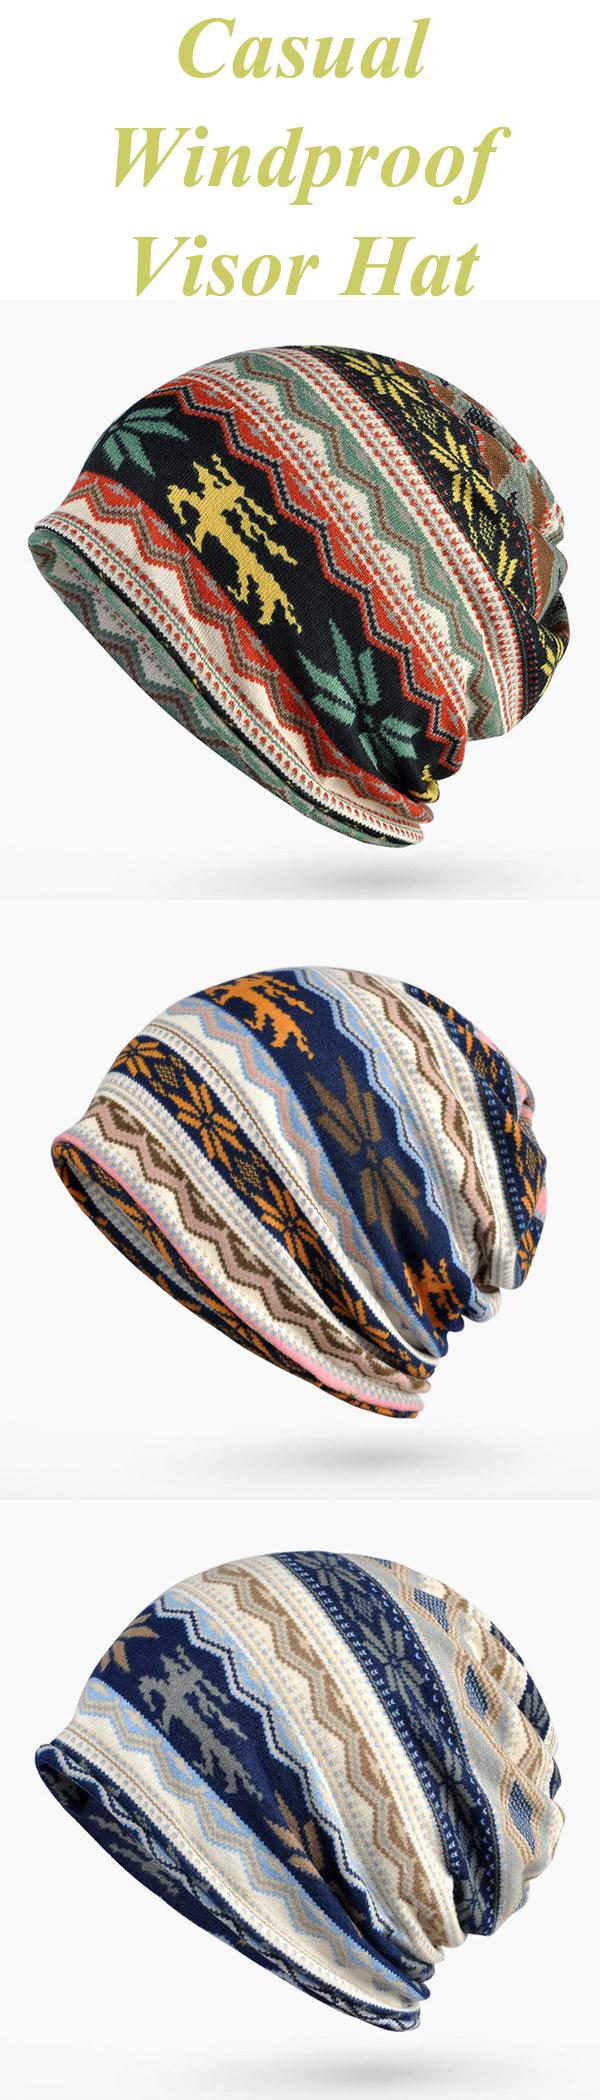 9e3f3442 US$ 6.88 Cotton Print Bonnet Cap Comfortable Multi-function Neck Scarves  Casual Windproof Visor Hat For Women